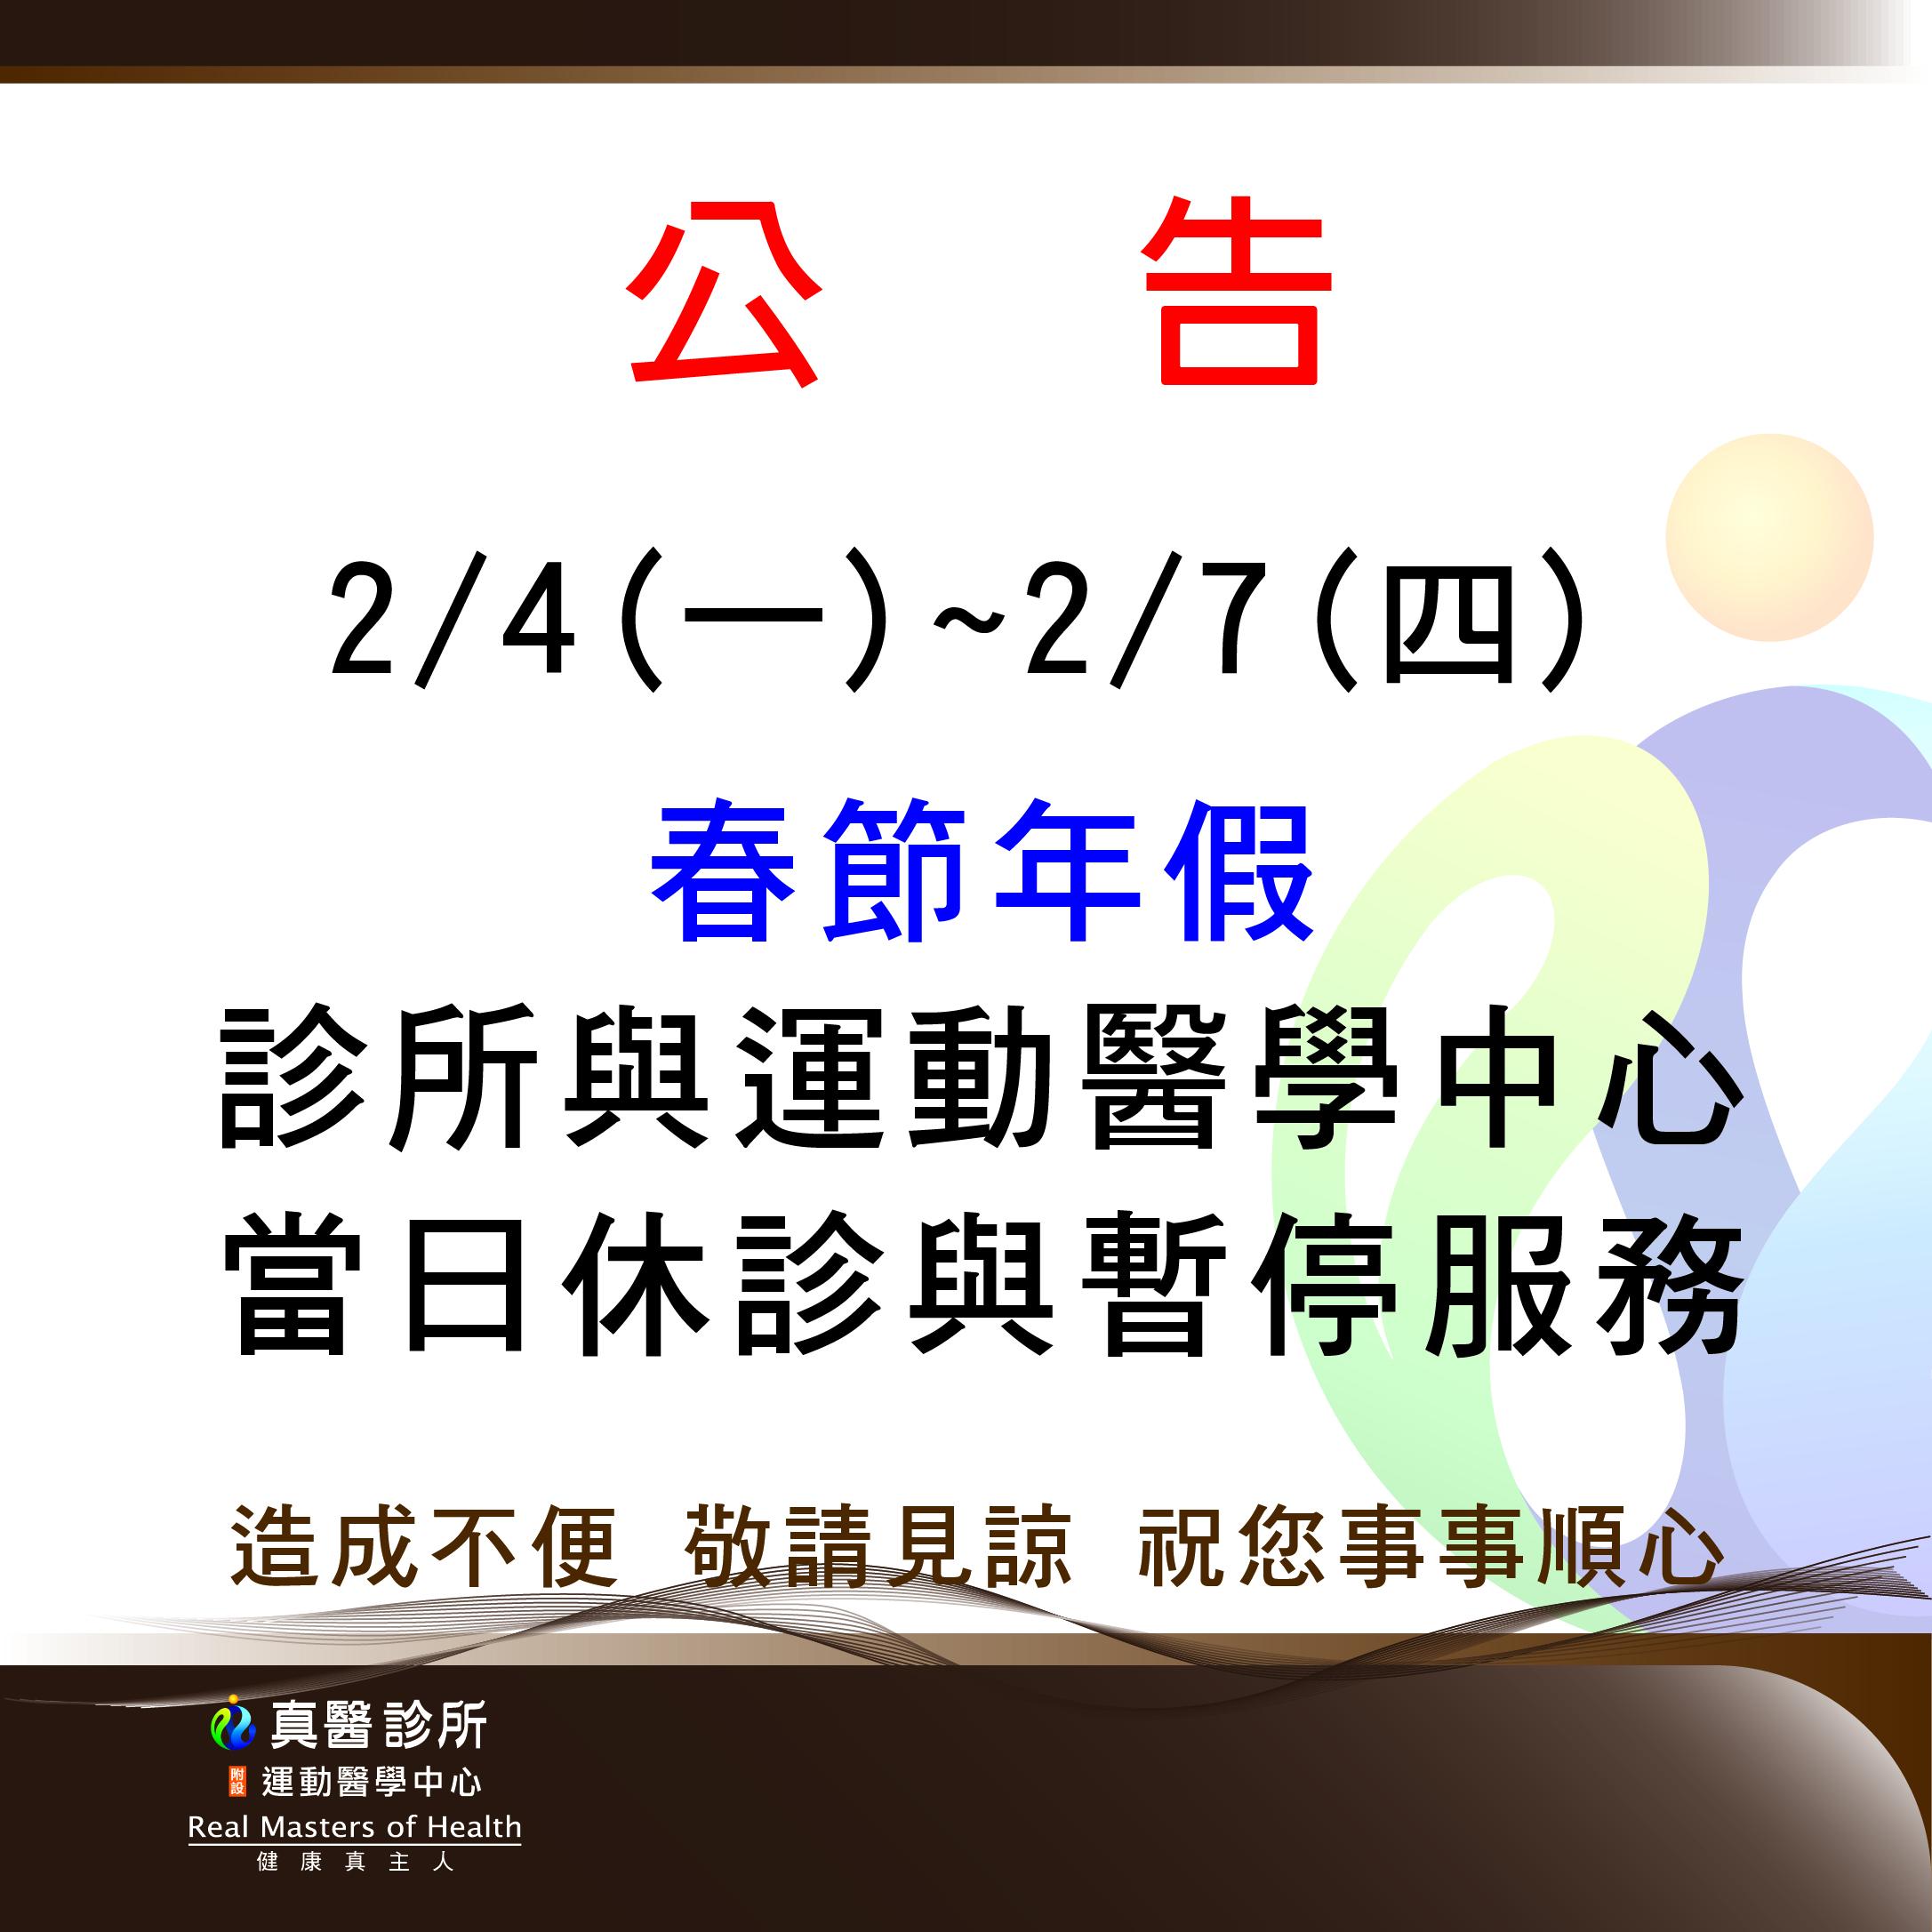 2/4(一)~2/7(四) 春節年假 診所與運動醫學中心 當日休診與暫停服務